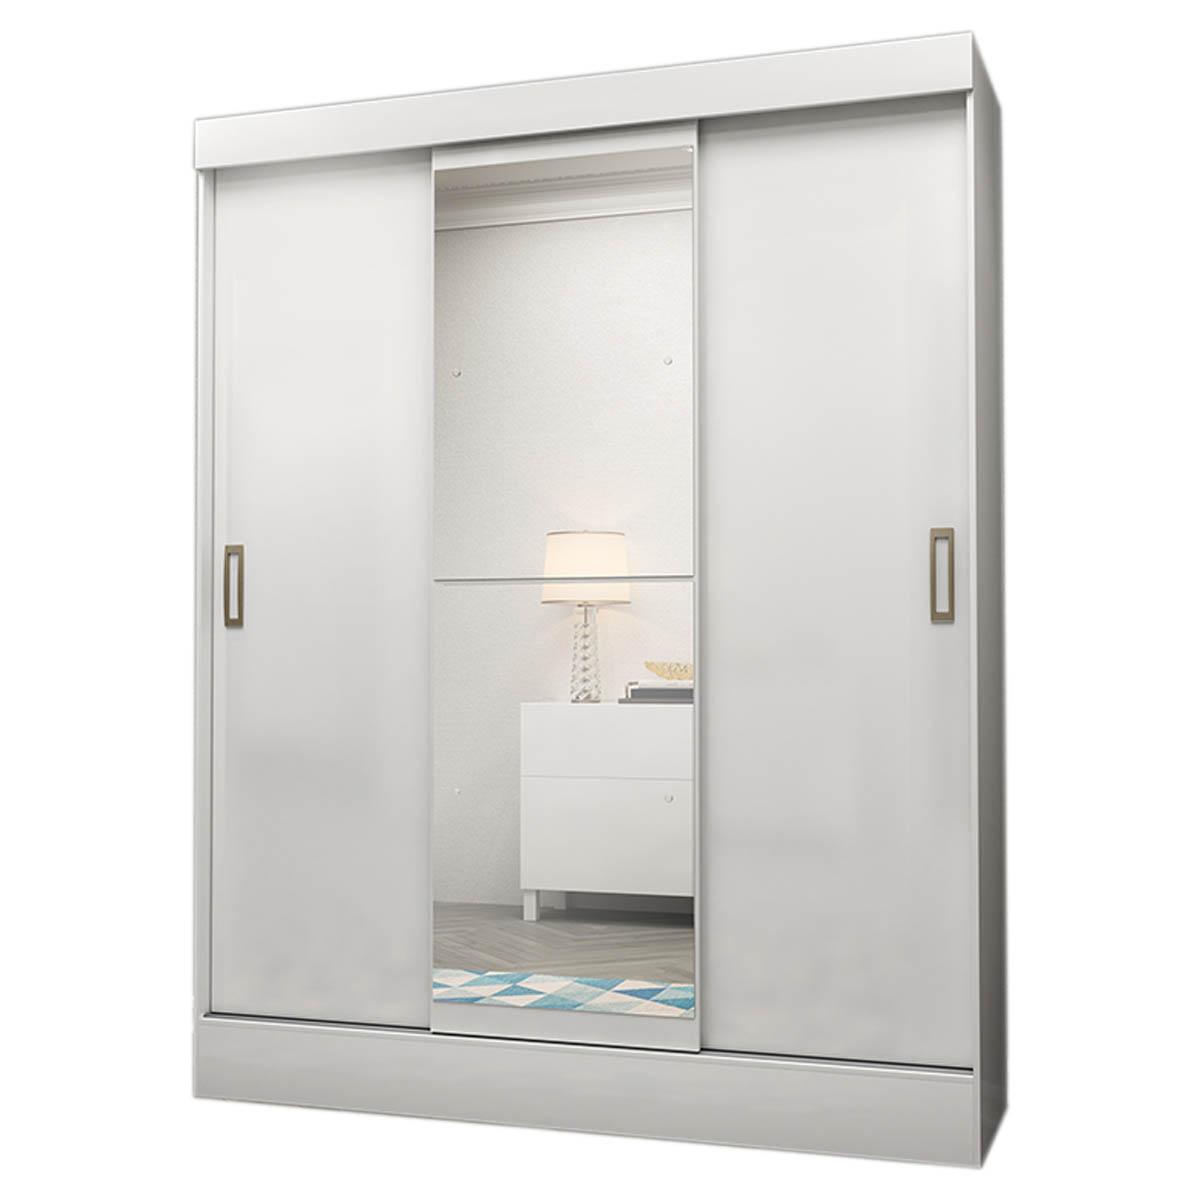 Armario Closet Moderno Con Espejo 3 Puertas 2 Cajones Blanco